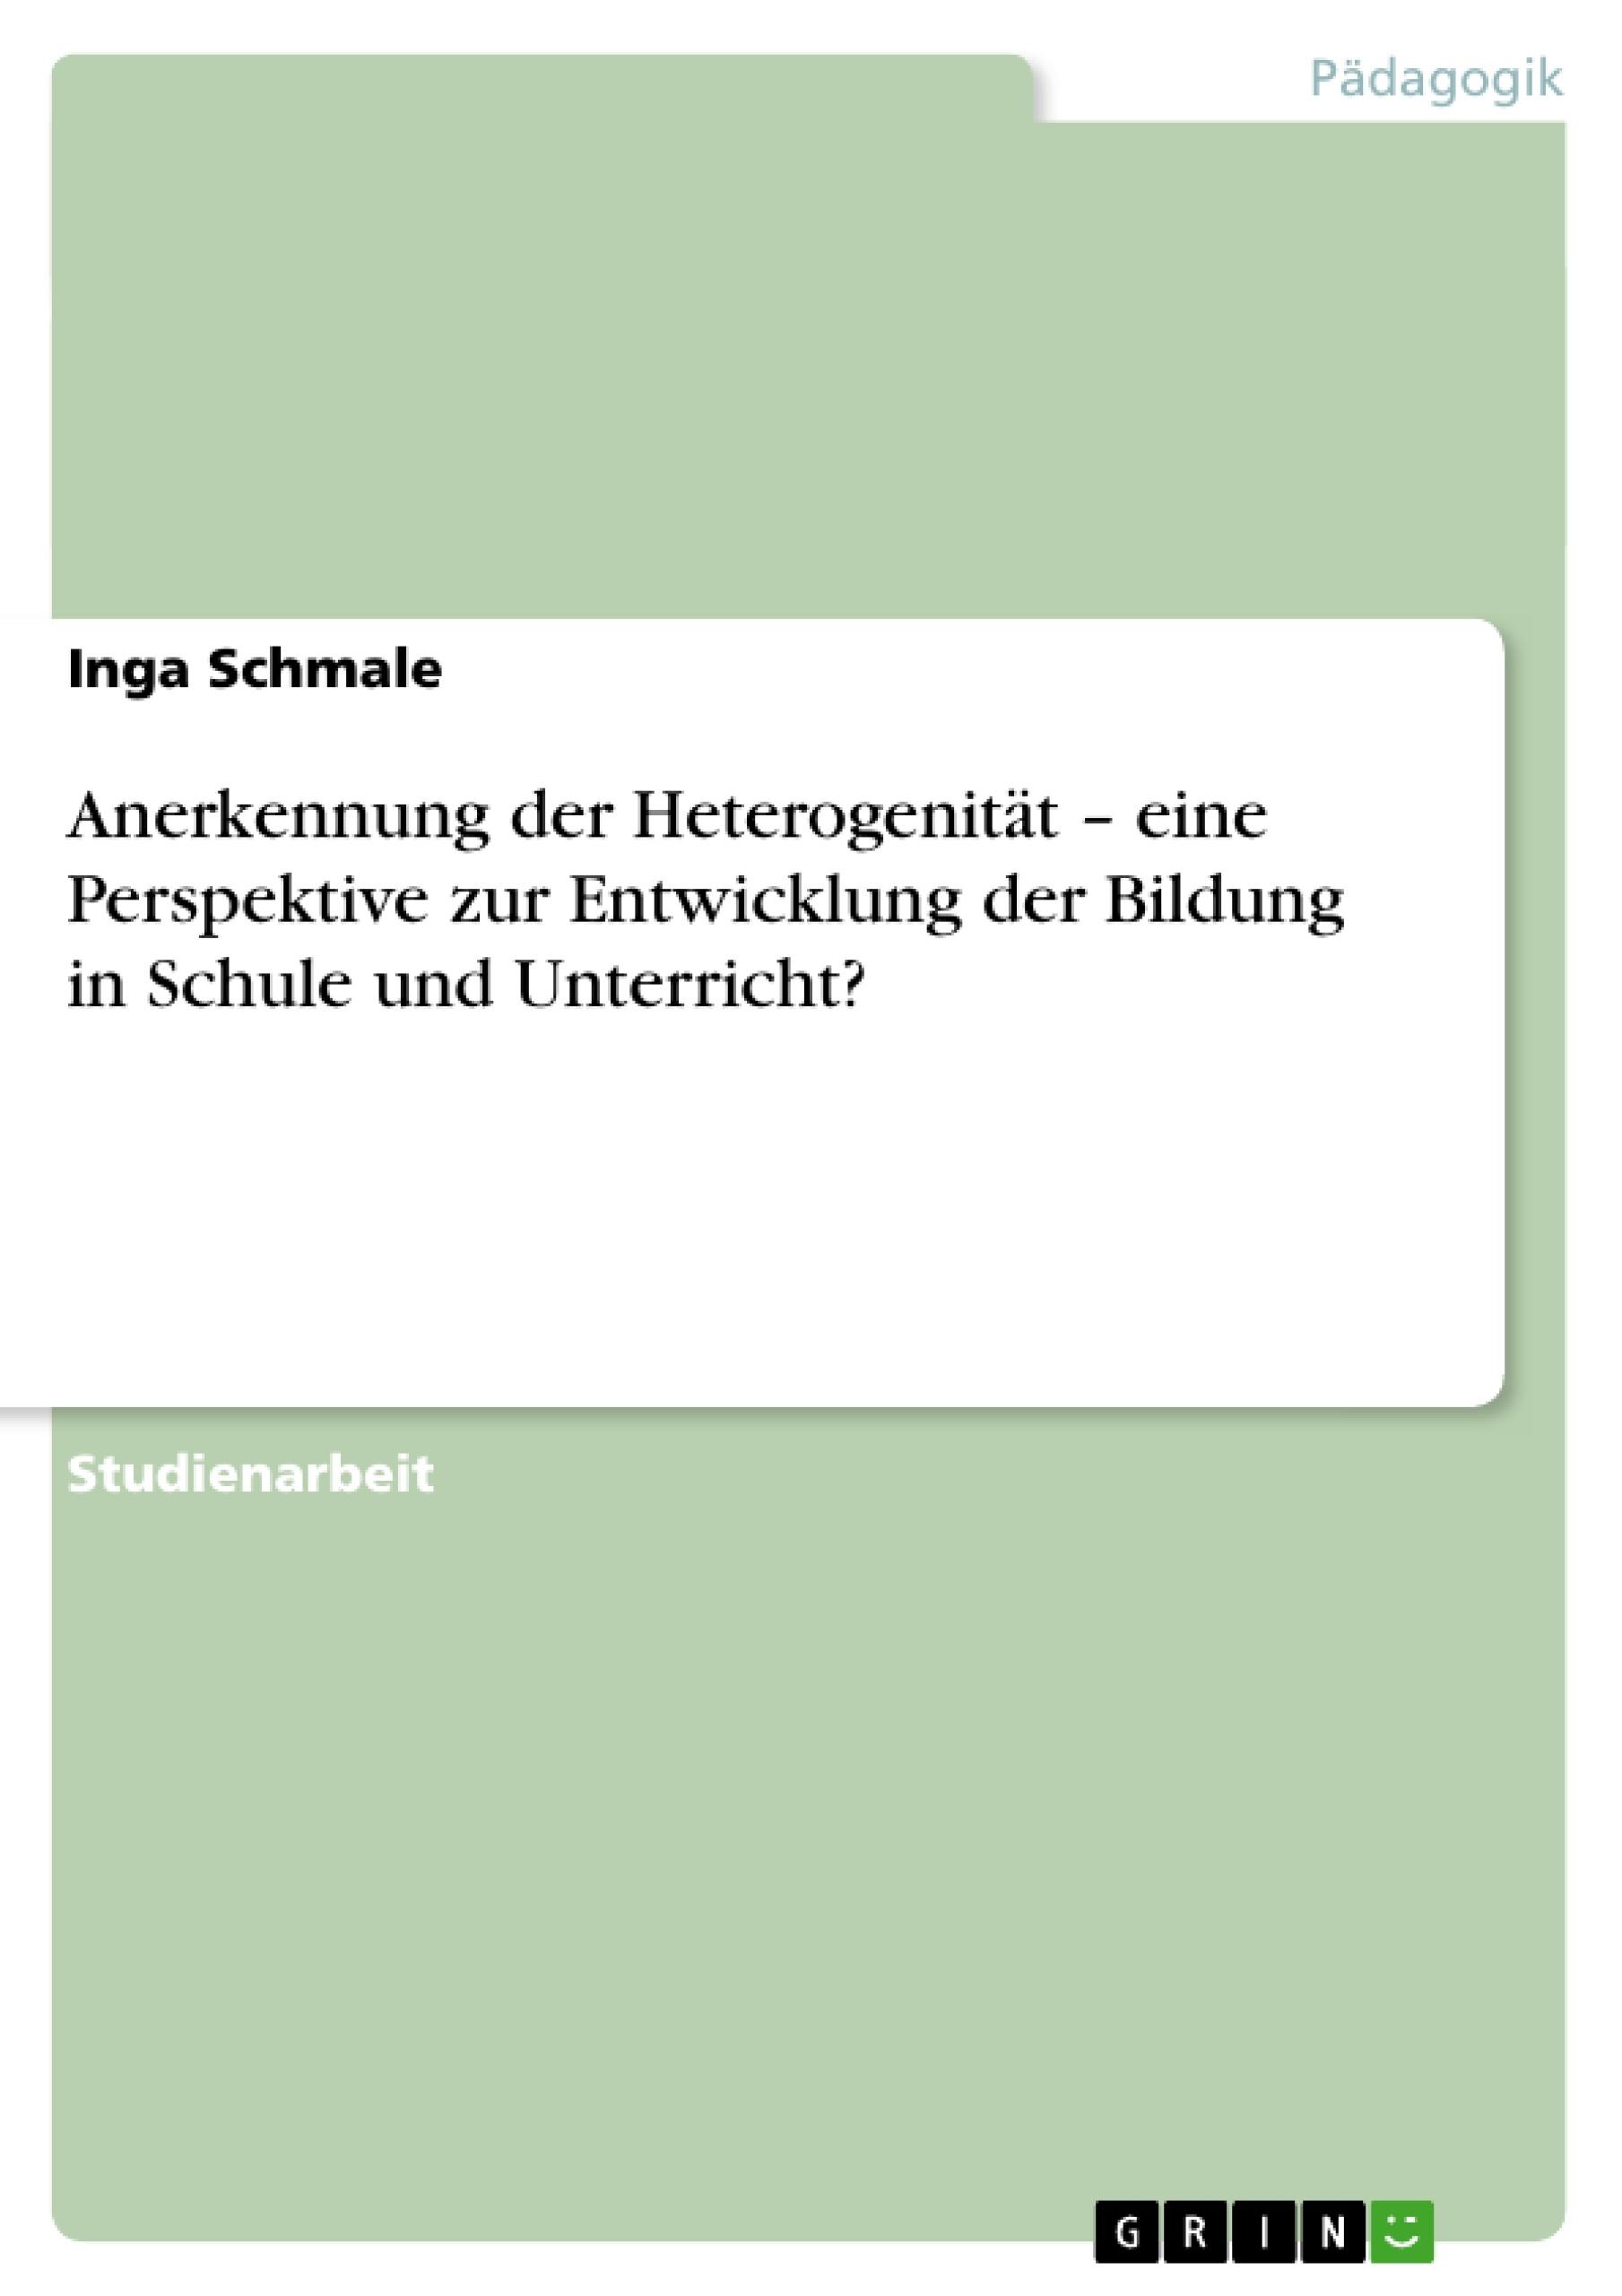 Titel: Anerkennung der Heterogenität. Eine Perspektive zur Entwicklung der Bildung in Schule und Unterricht?